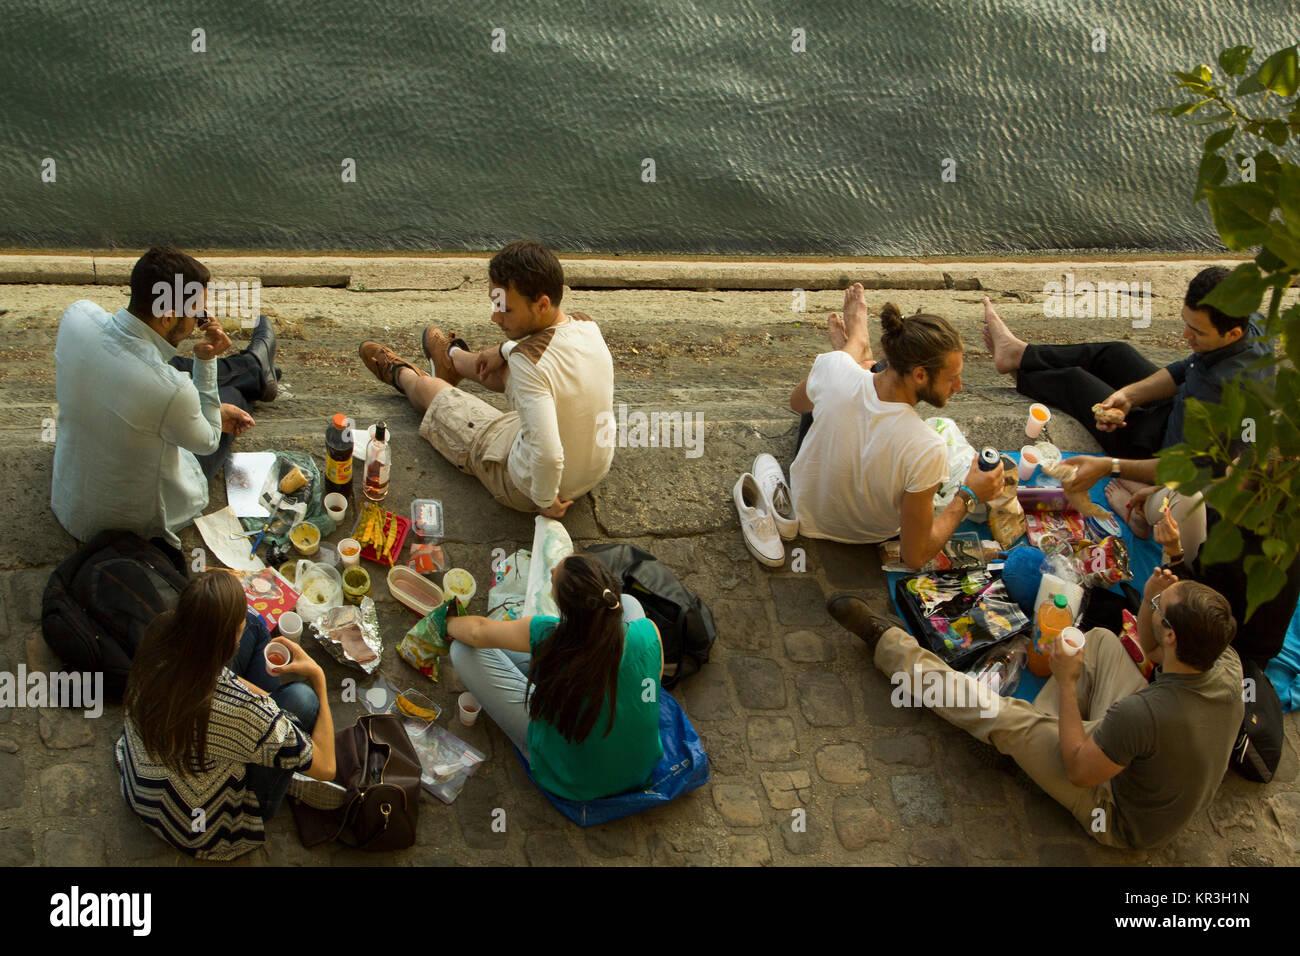 Molti giovani in un momento di relax a pomeriggio estivo in île Saint-Louis sulle rive del fiume Senna a Parigi, Immagini Stock